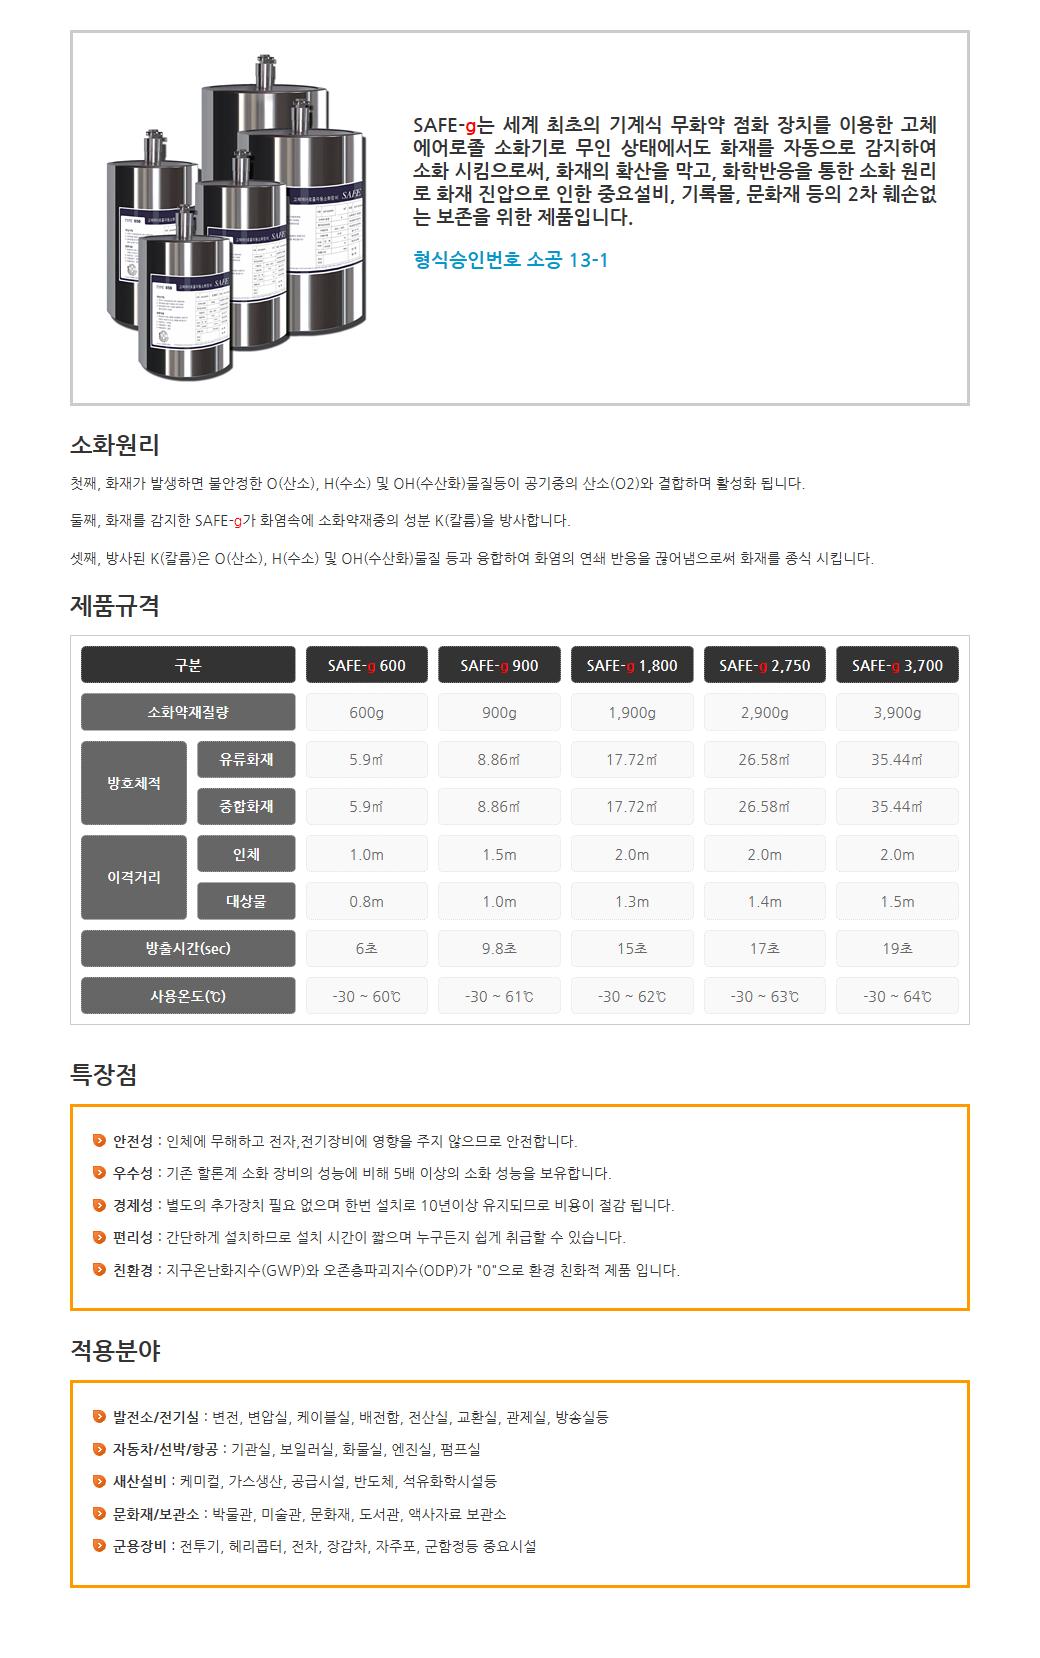 (주)서한에프앤씨 고체에어로졸소화기 SAFE-g Series 1